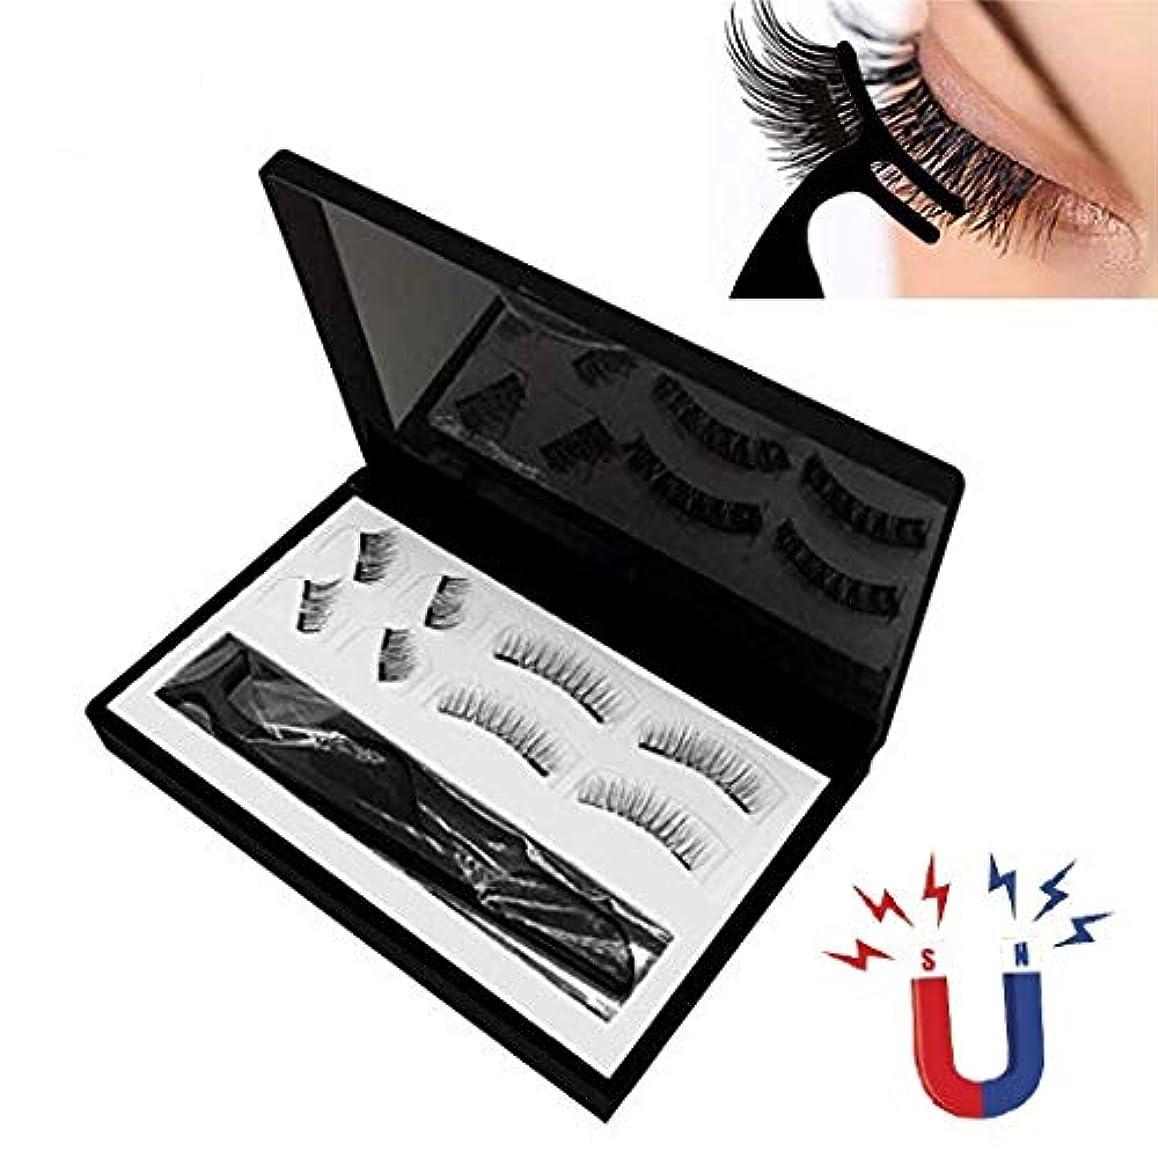 つけまつげ 磁気まつげ 磁石 3D 極薄 超軽量高級繊維 つけまつ毛 接着剤不要 柔らかい 再利用可能 ピンセット付き 、2ペア(8個)